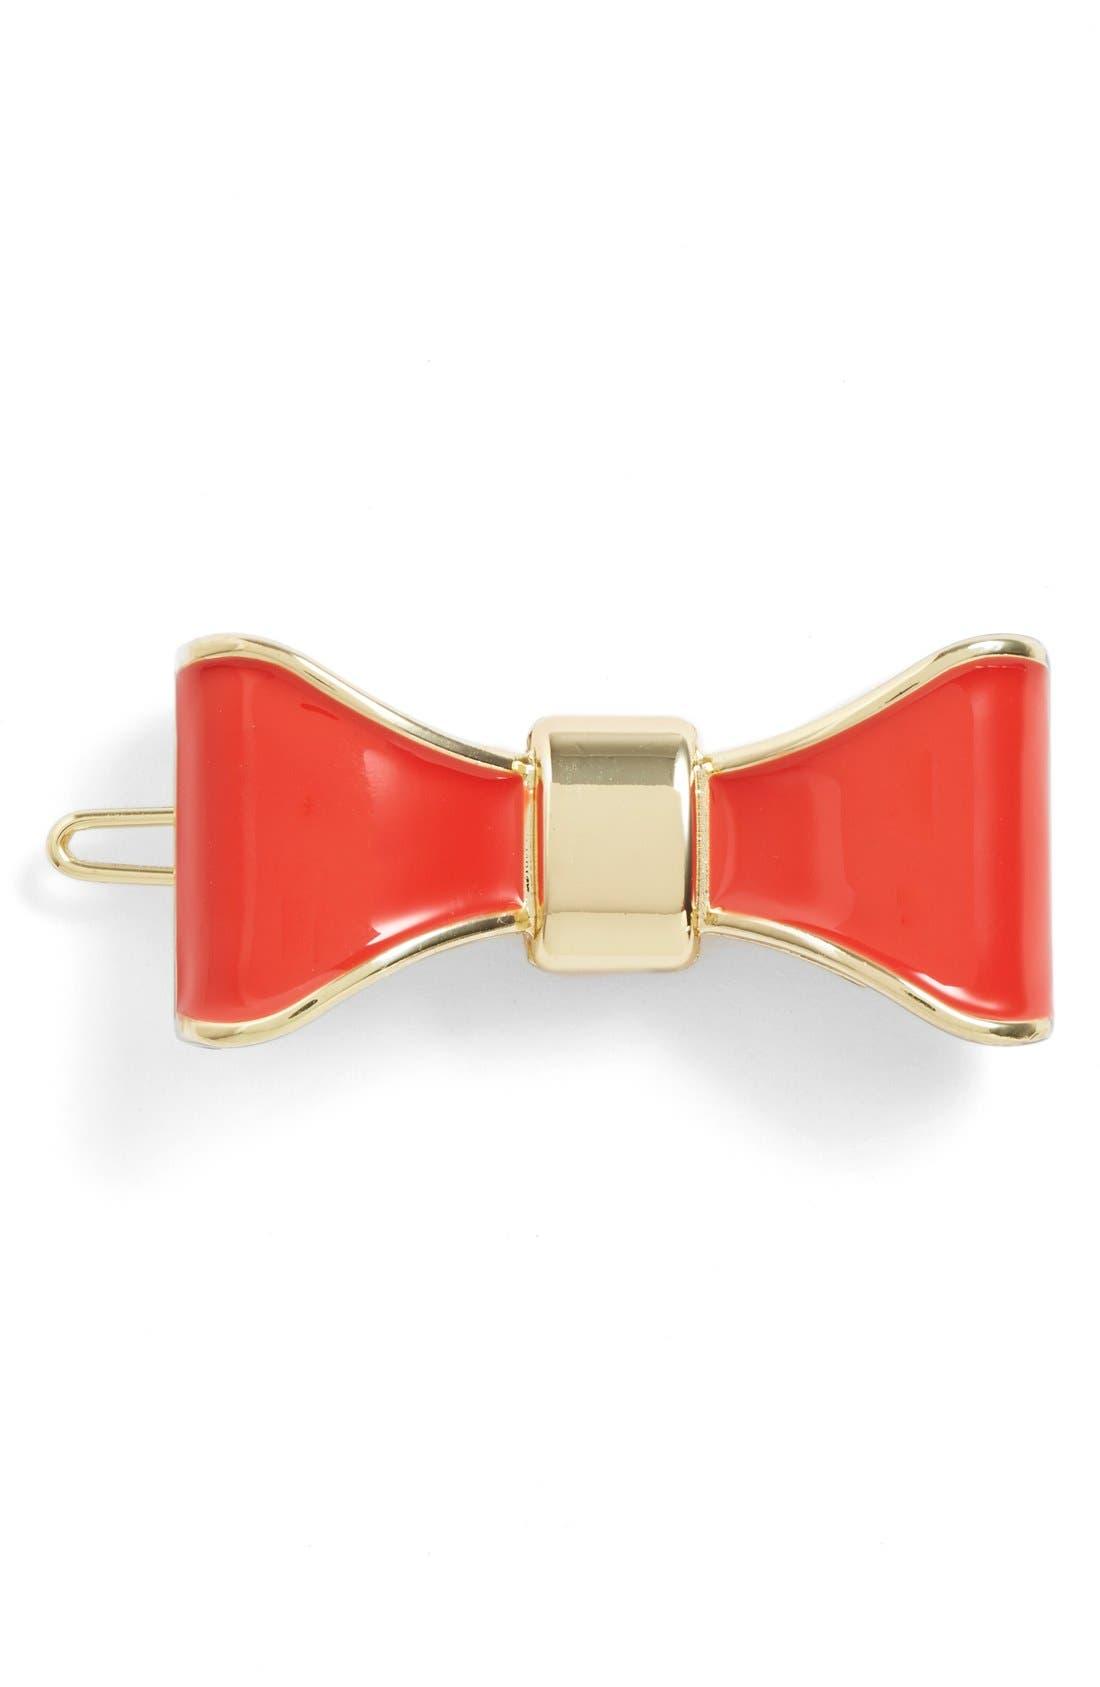 L. Erickson 'Prim' Bow Tige Boule Barrette